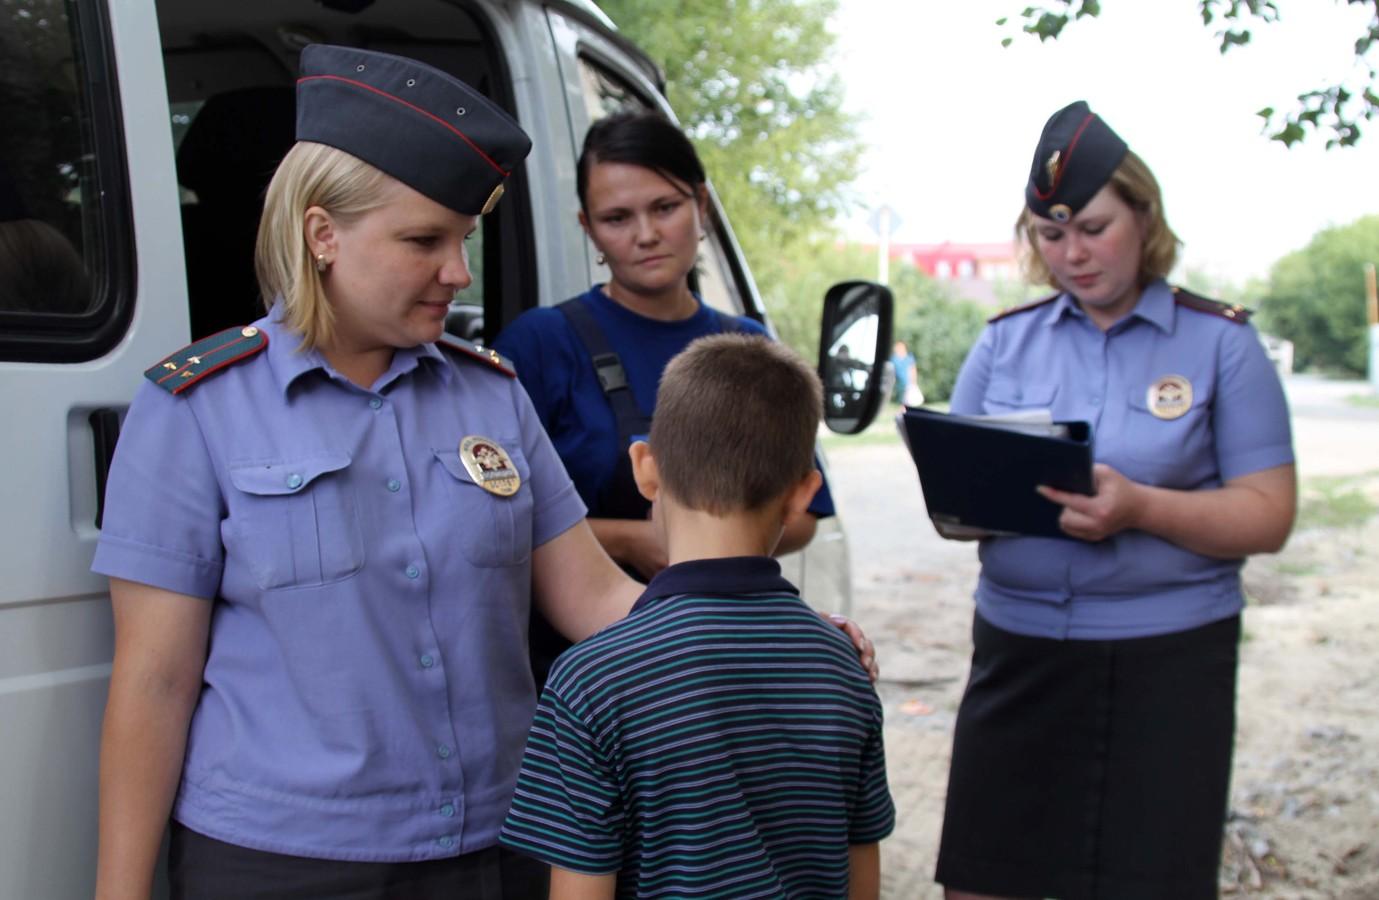 Чем грозит постановка на учет в комиссии по делам несовершеннолетних – меры воздействия на родителей детей и административное наказание от КДН